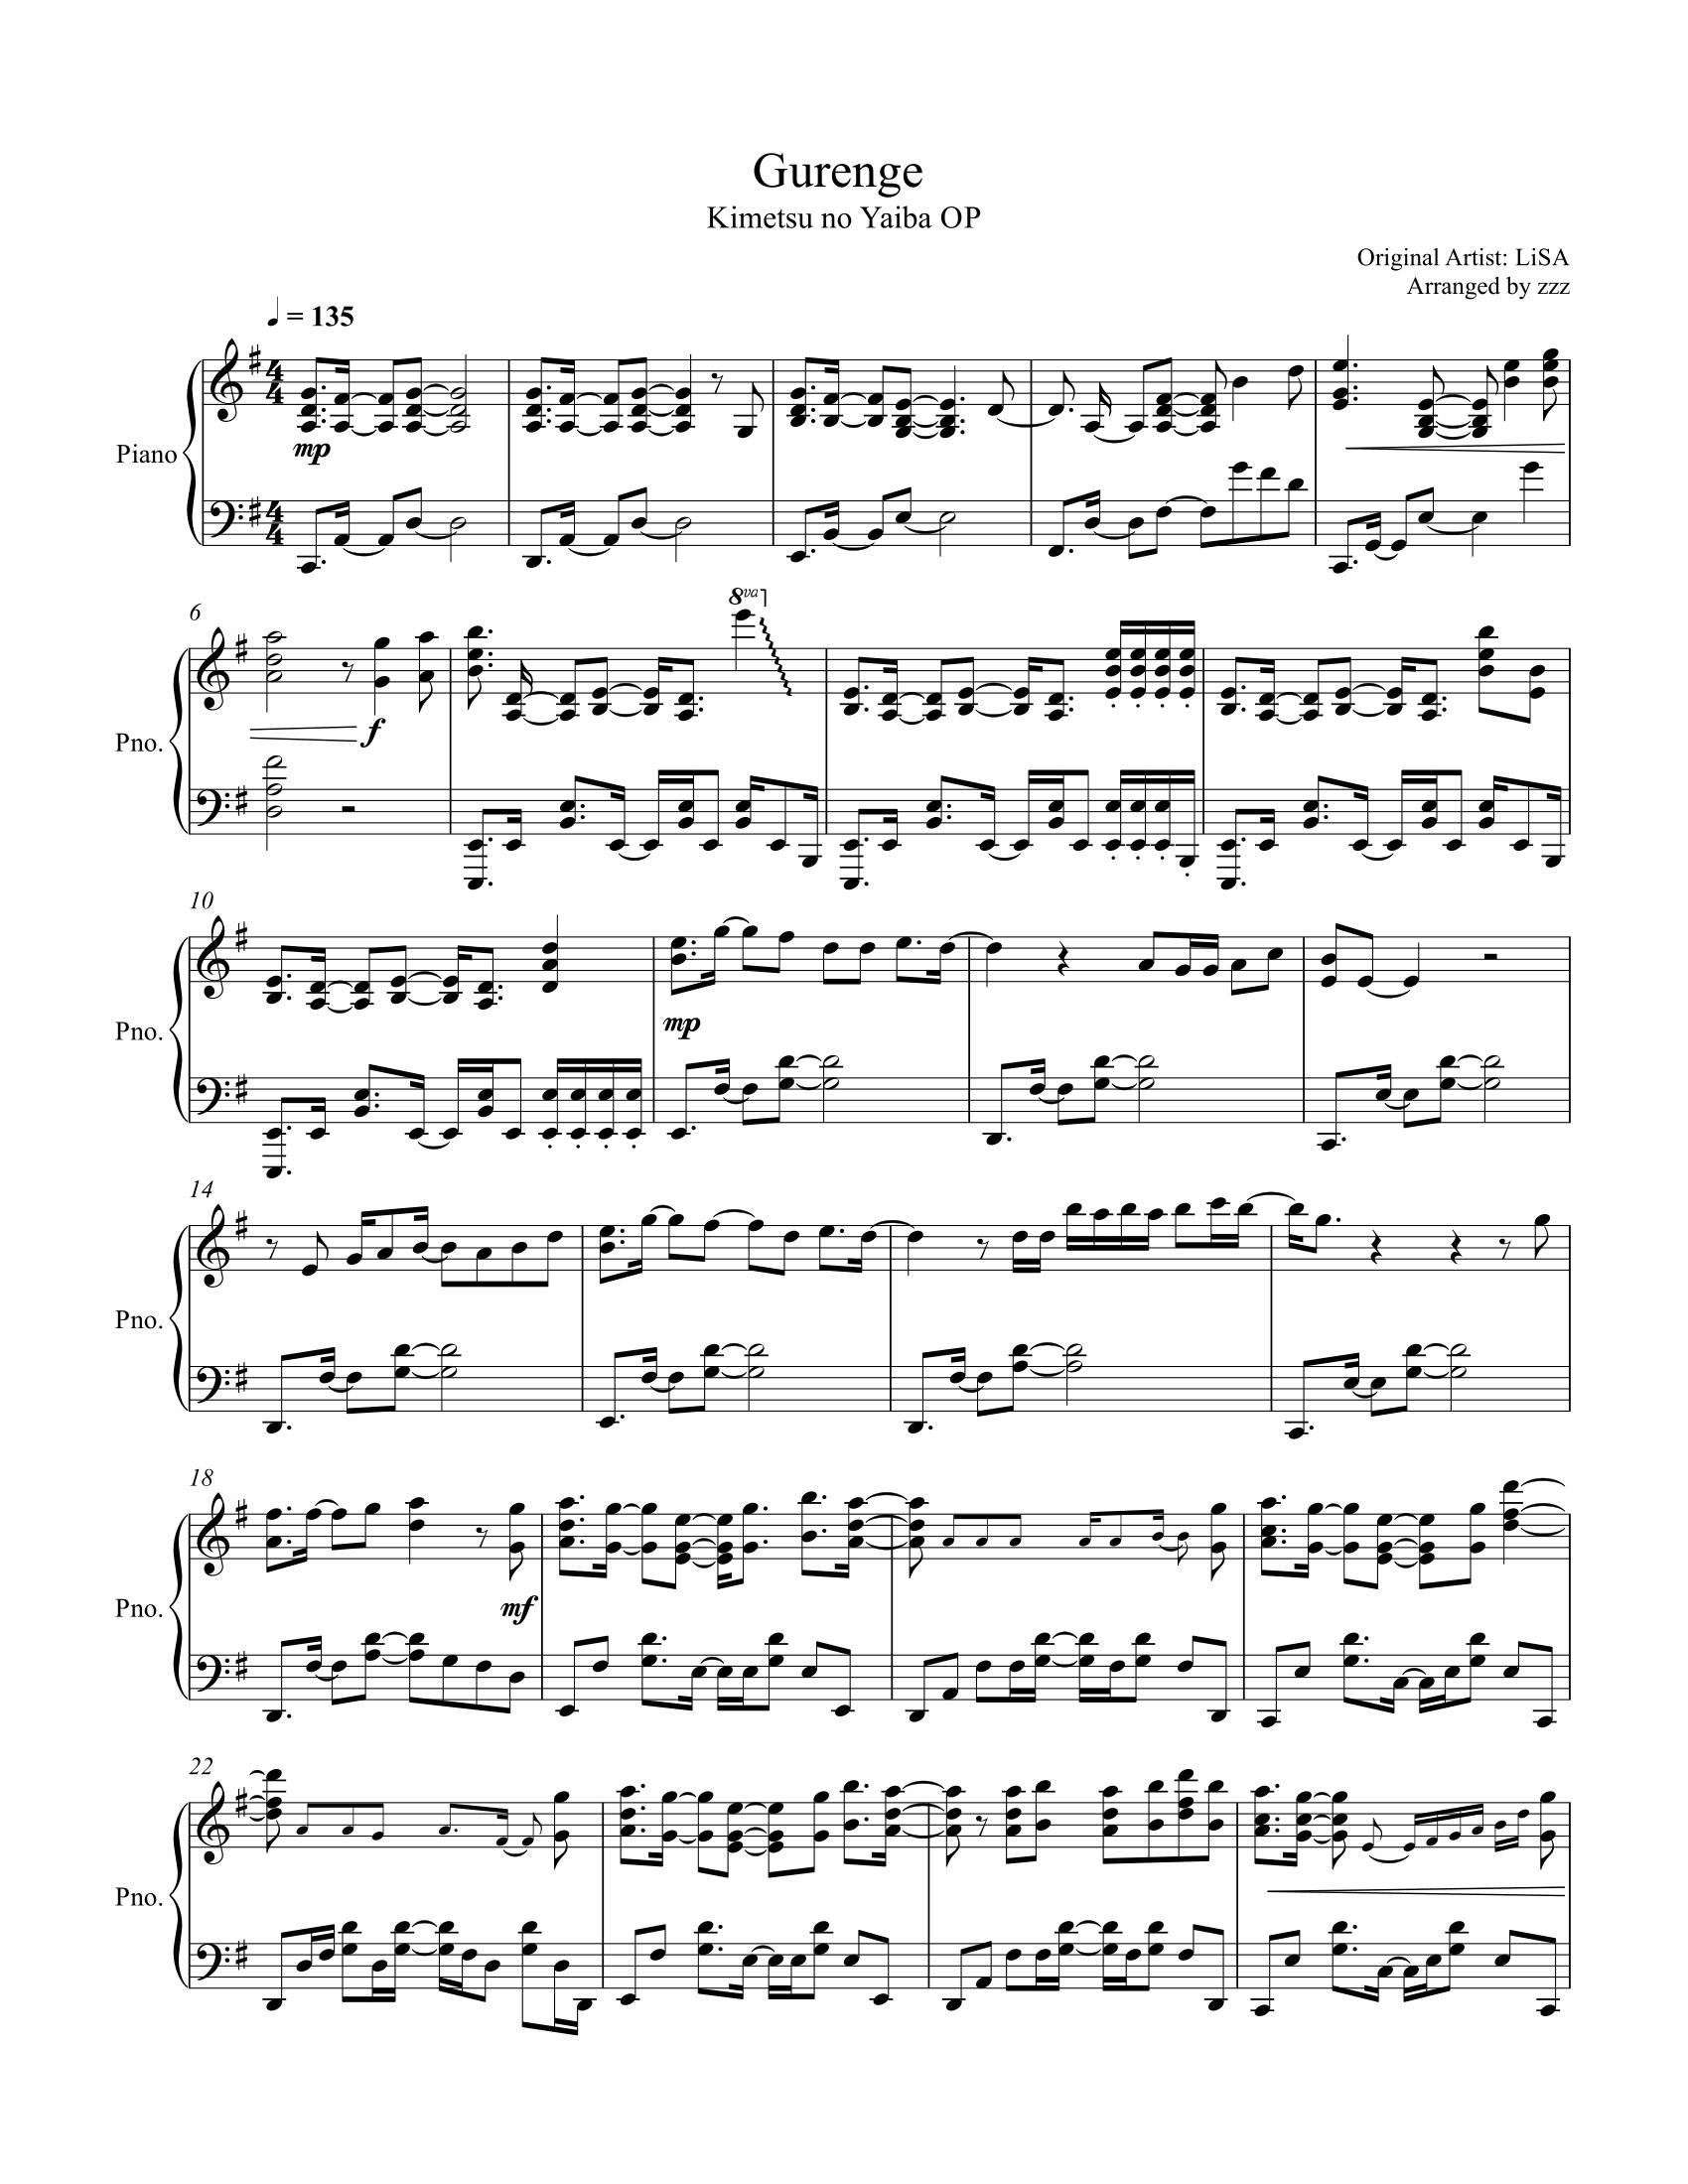 紅蓮華無料楽譜